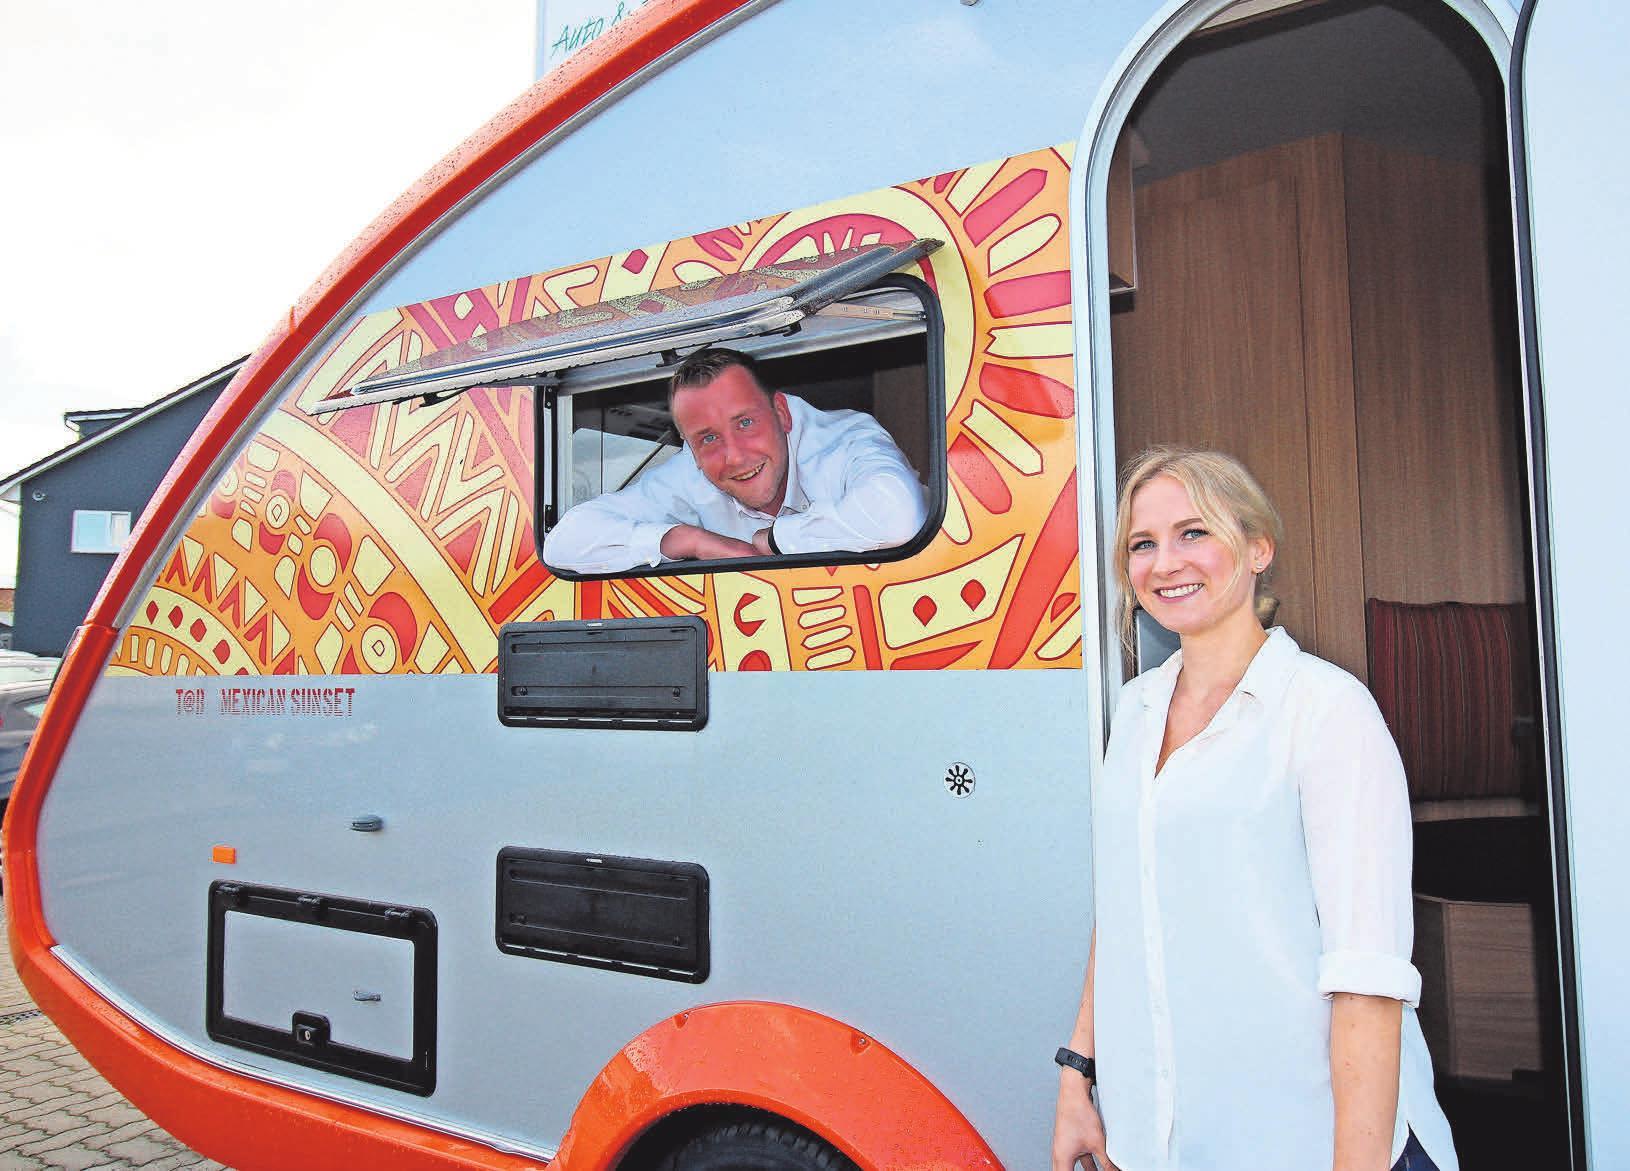 Platz ist im kleinsten Caravan, wie Nina Michalzik und Tim Schneider demonstrieren. Foto: pa